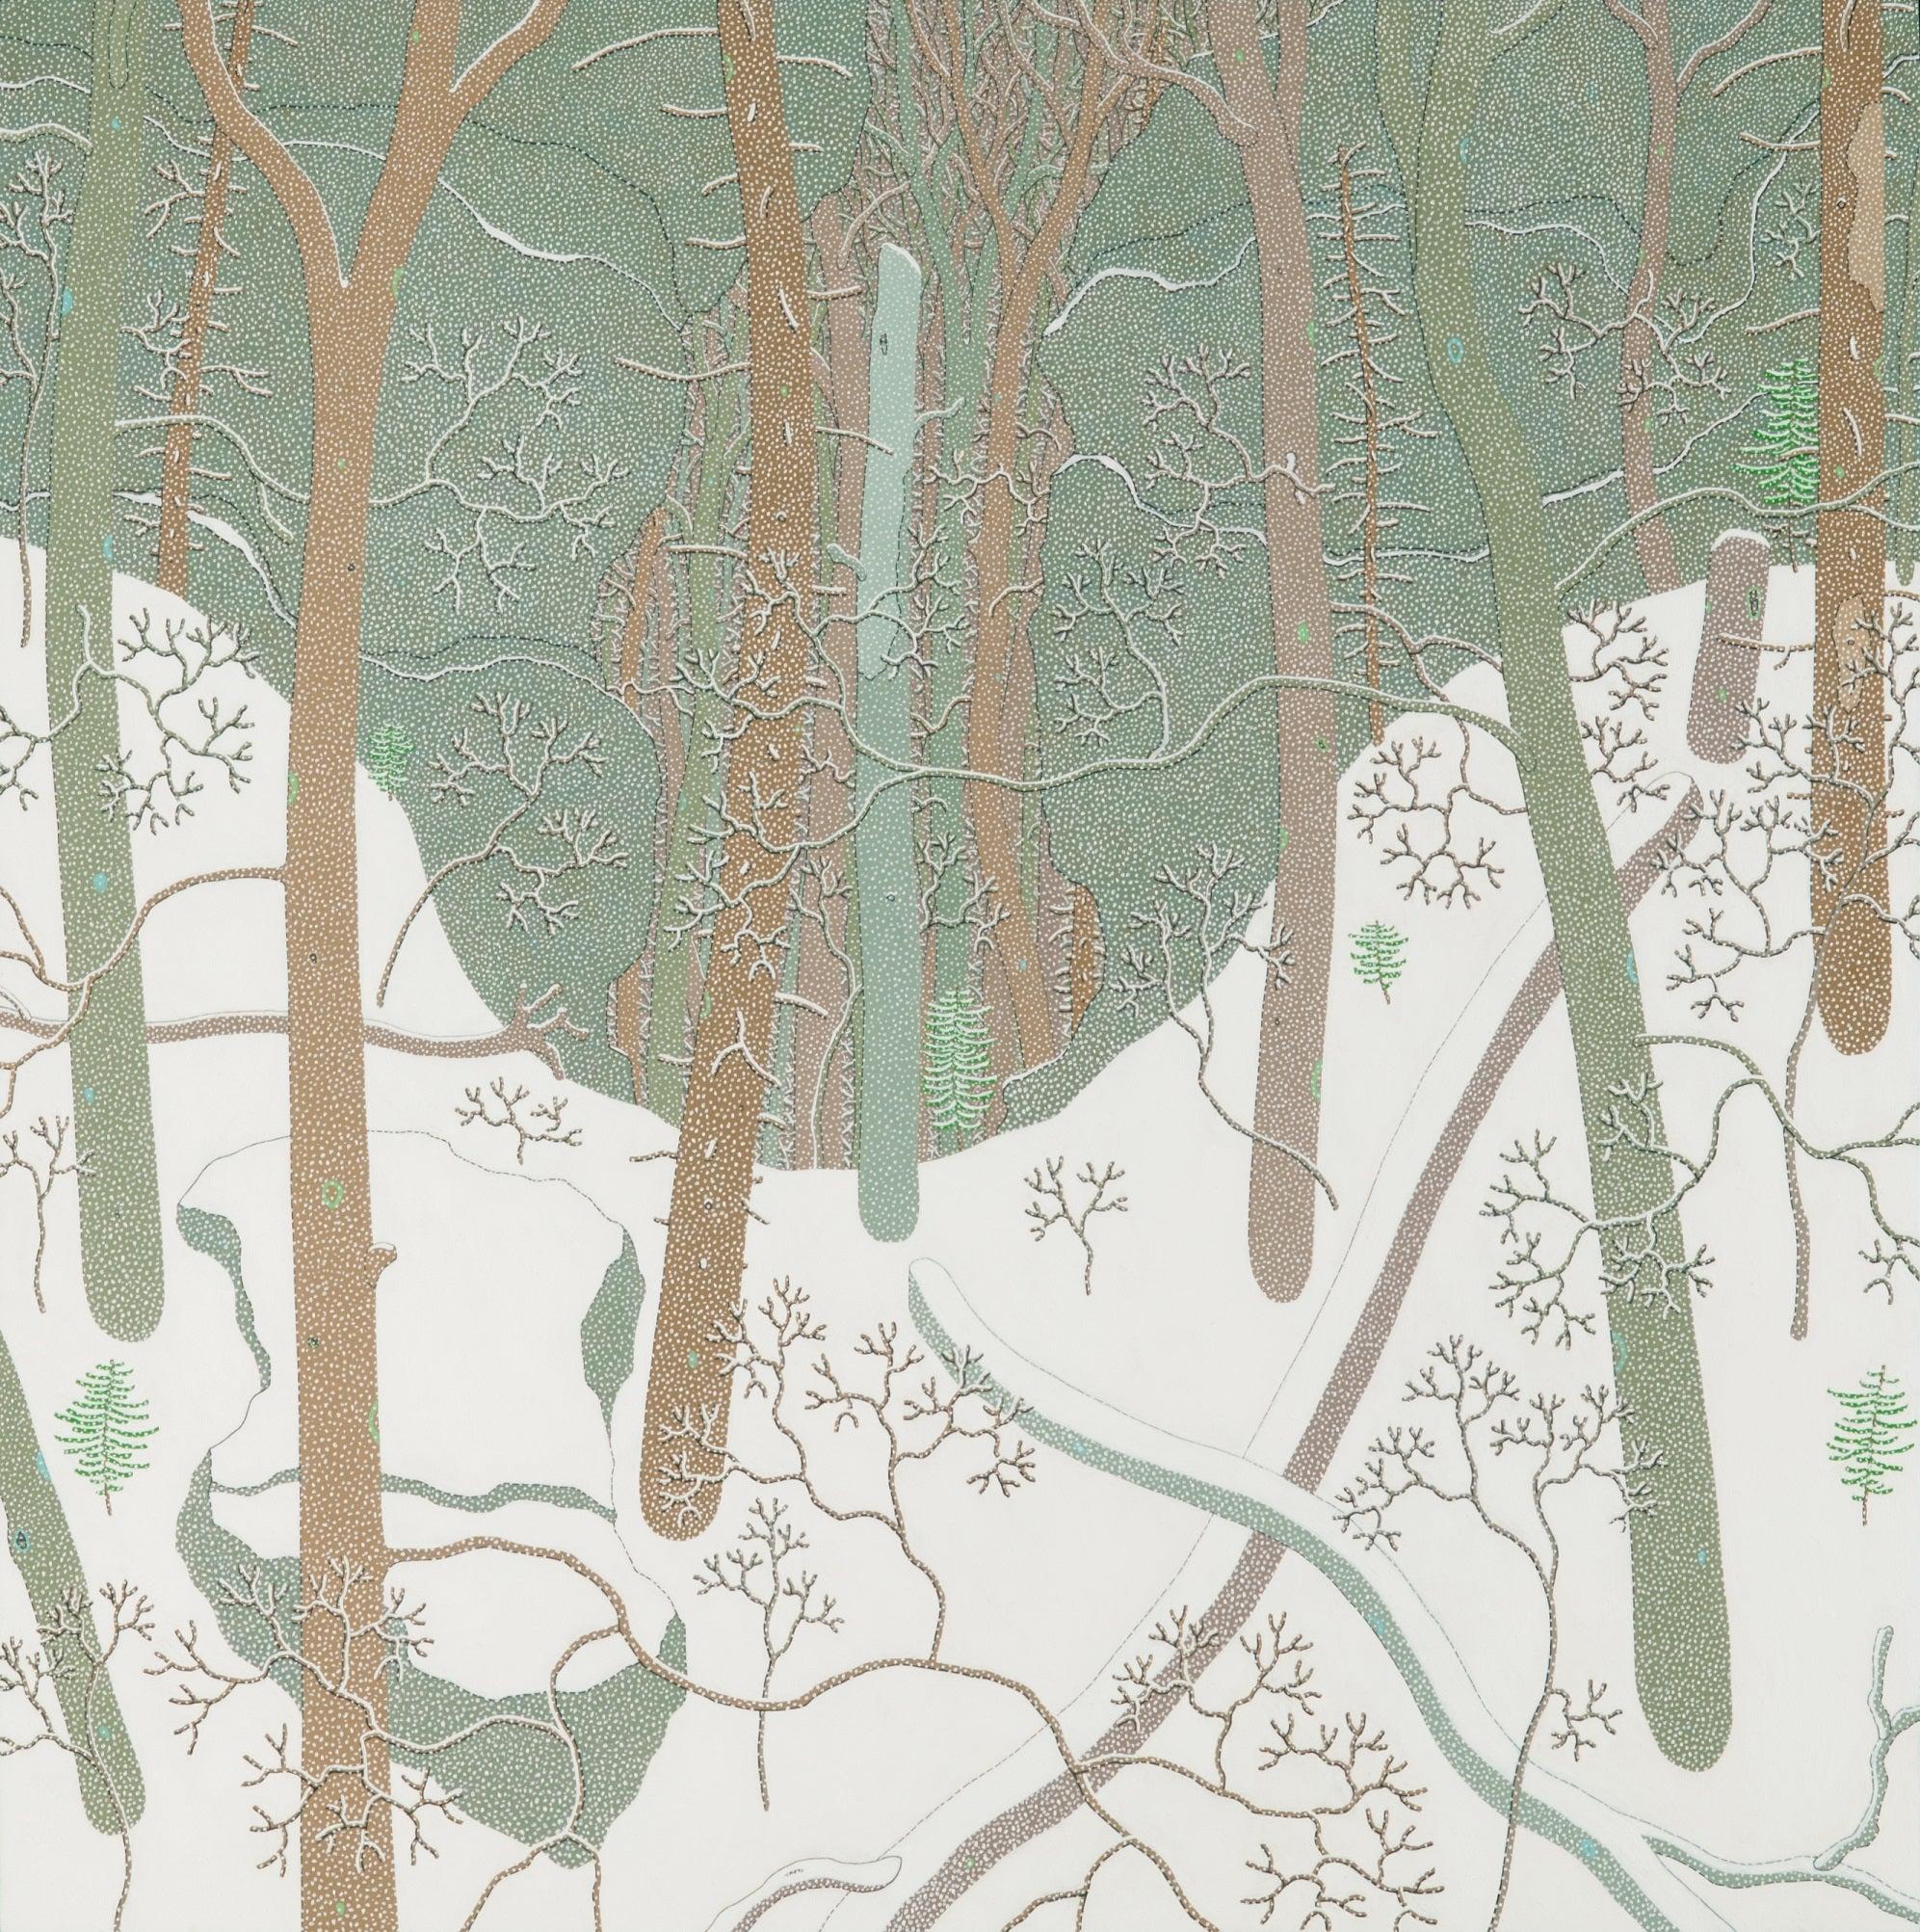 Gregory Hennen Snowfall Jan Wyatt Mt Winter Landscape Of Snowy